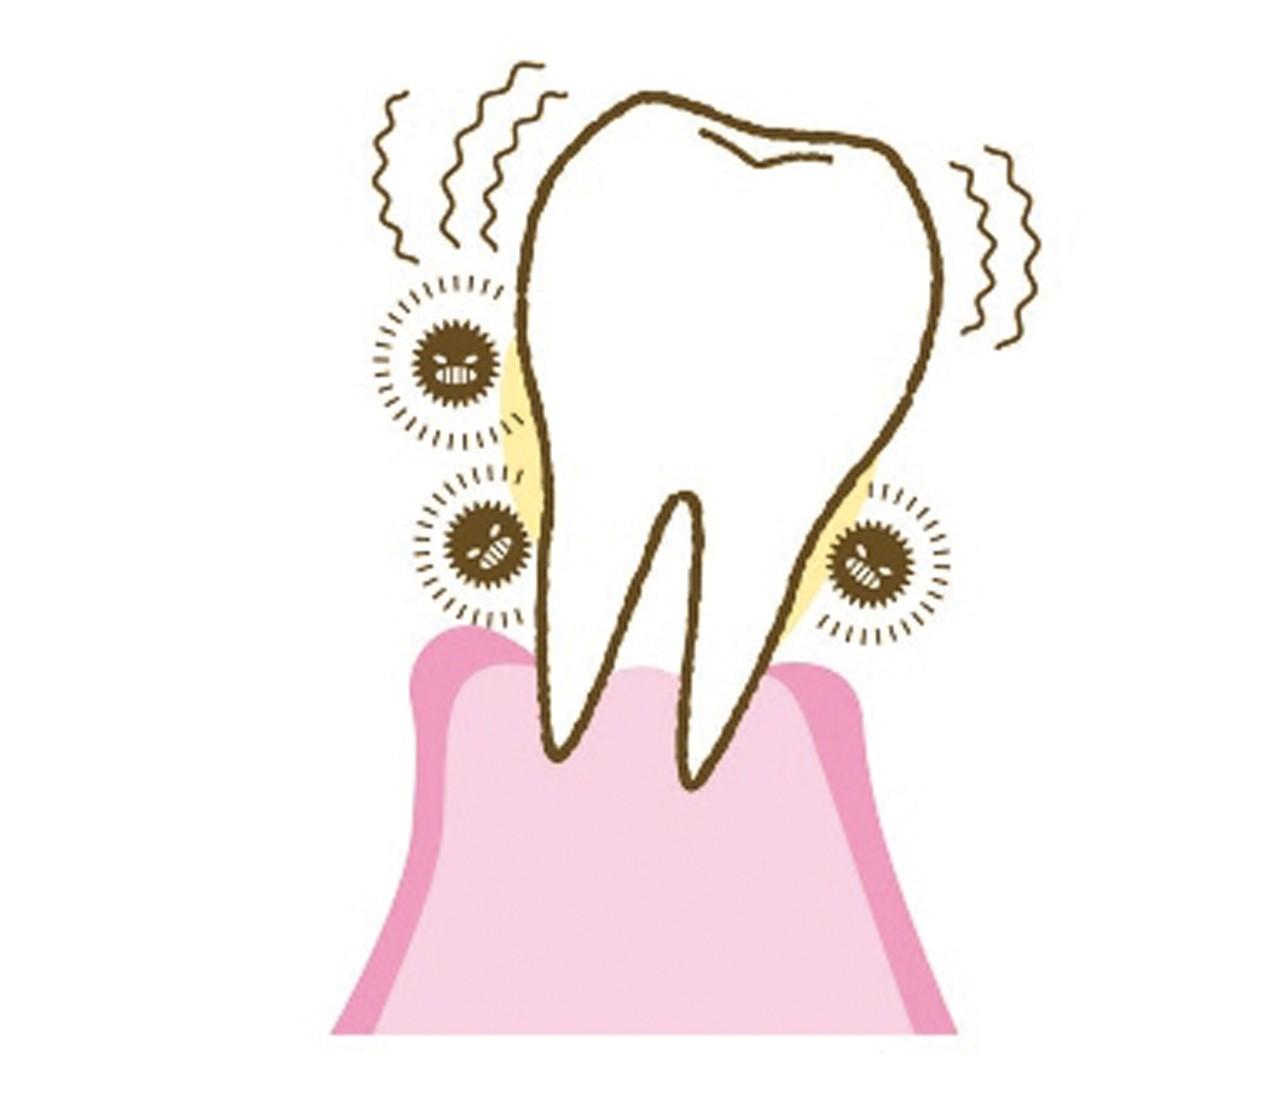 【本気のオーラルケア】歯周病&虫歯予防に! 毎食後に行いたい基本の3ケア